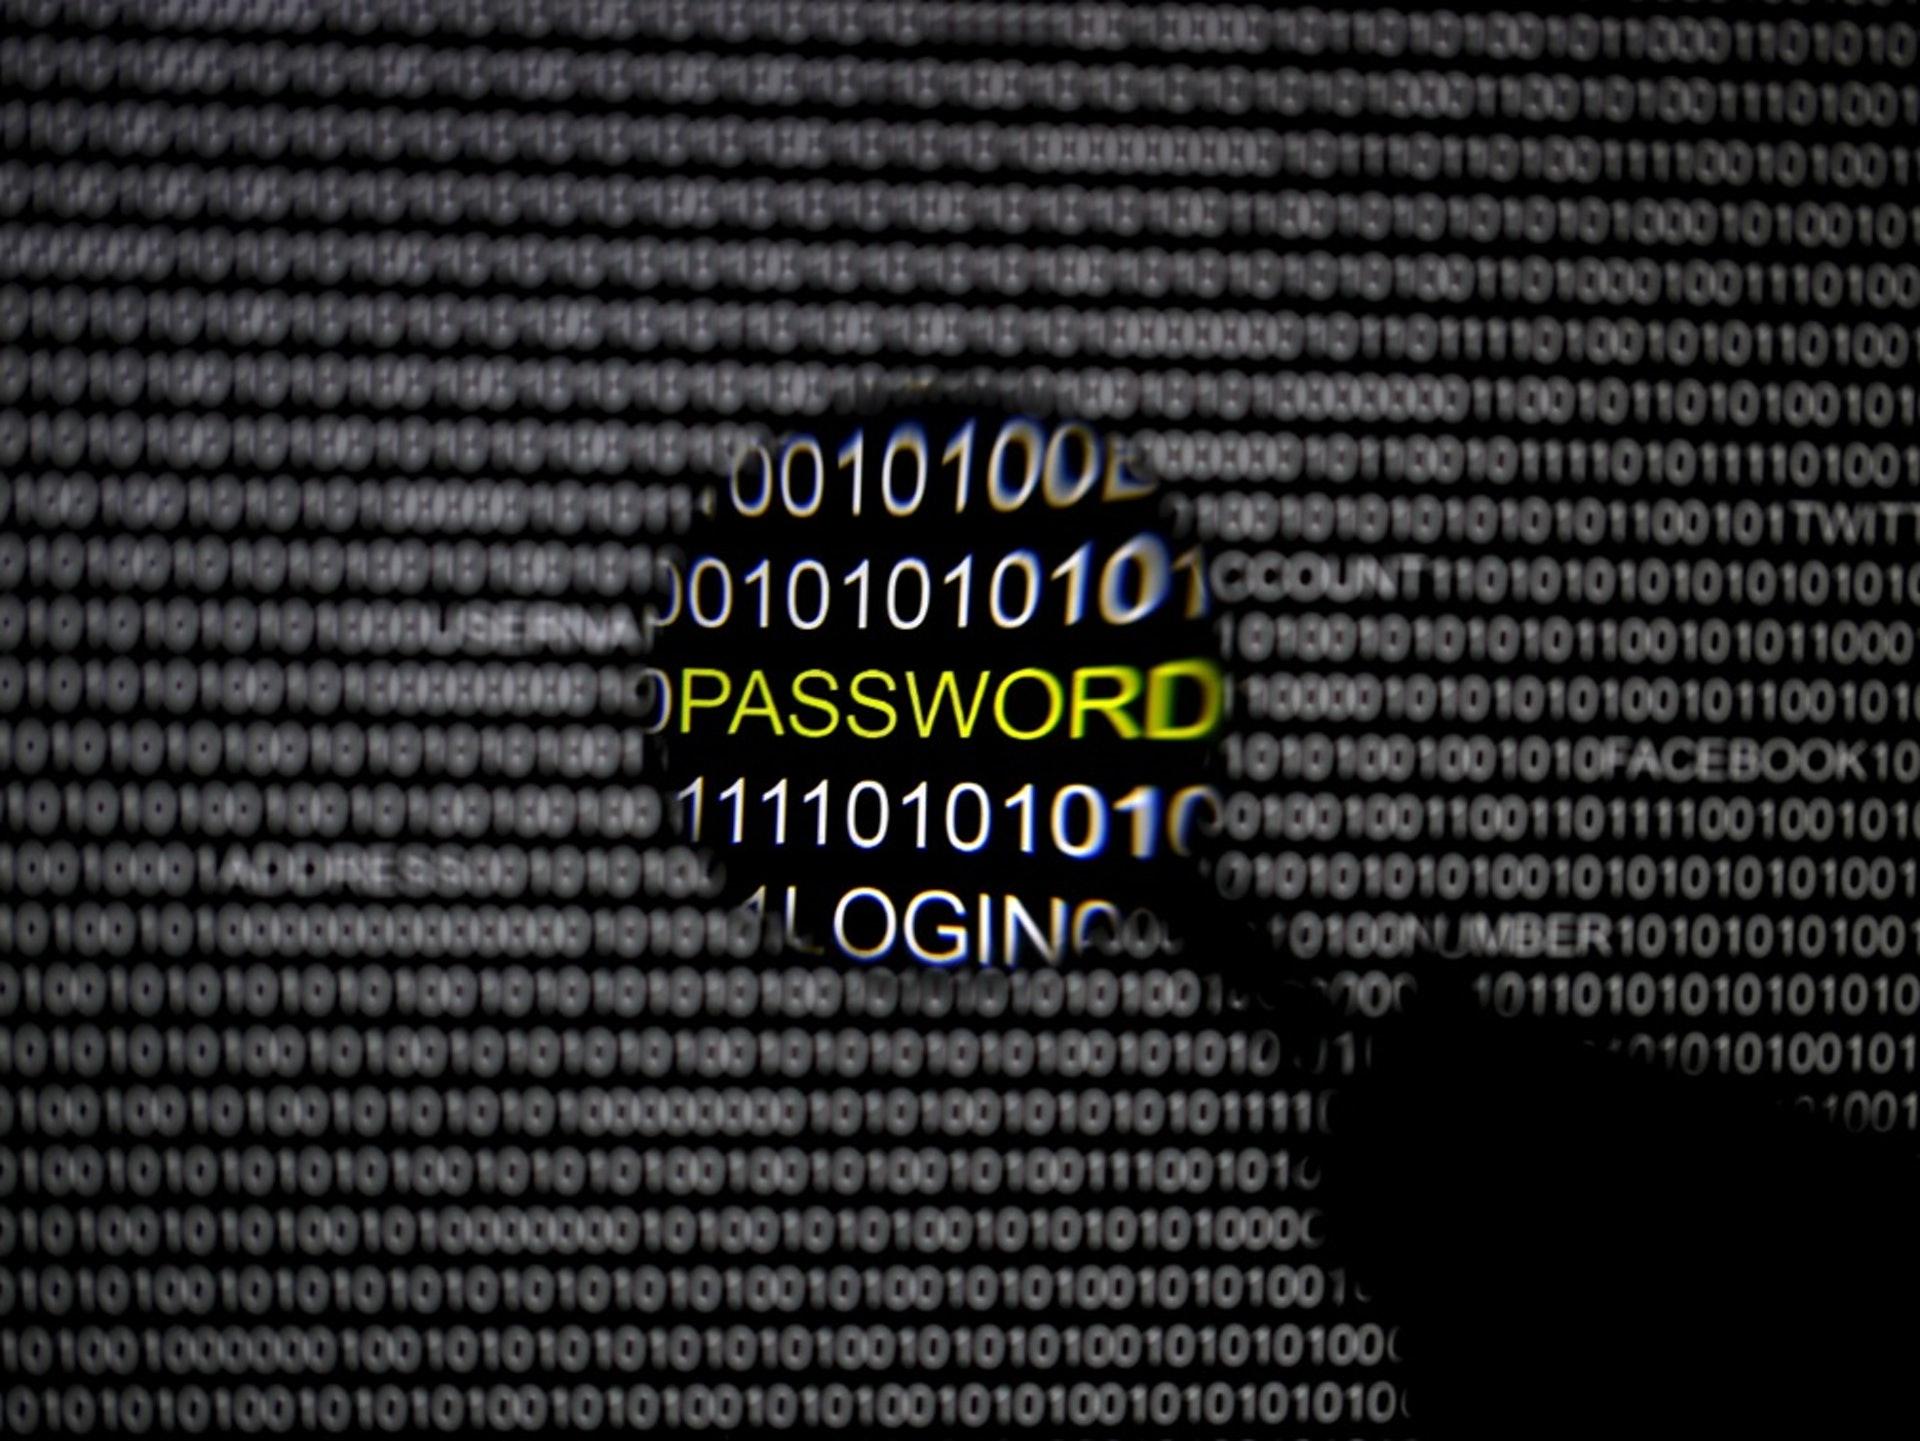 西方國家指責中國在網絡上進行惡意攻擊。(Reuters)